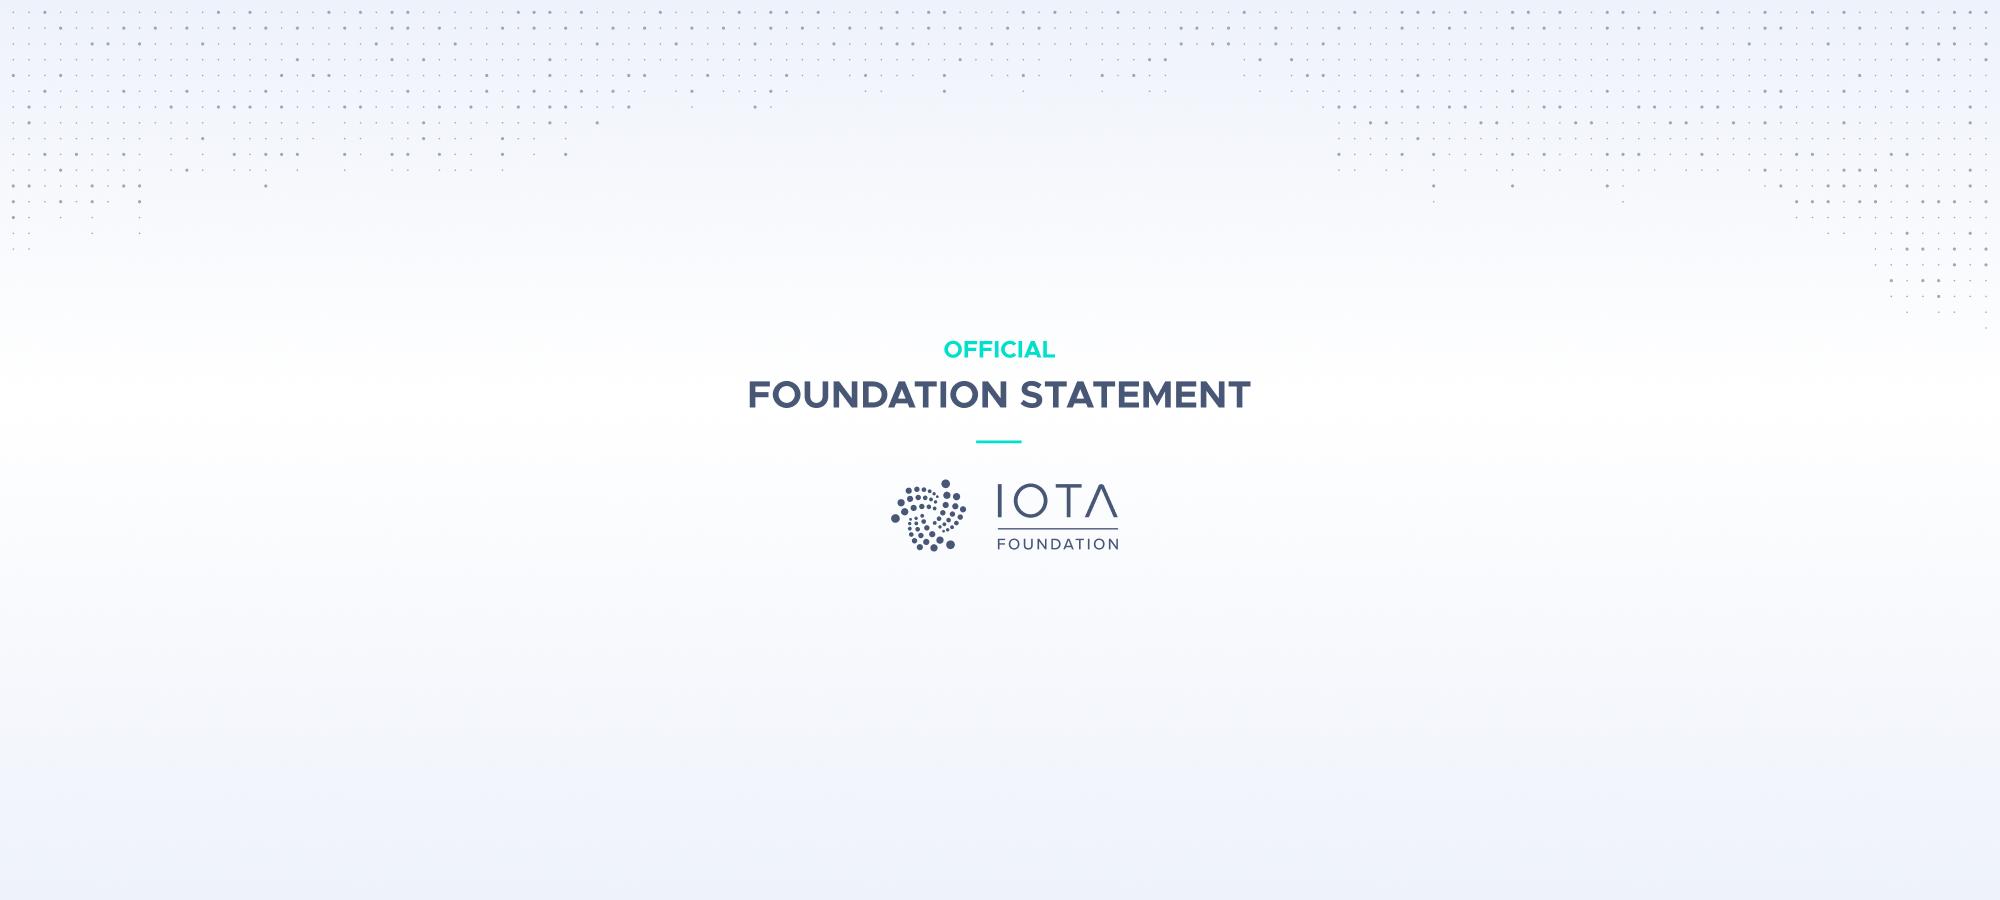 IOTA Foundation parts ways with David Sønstebø